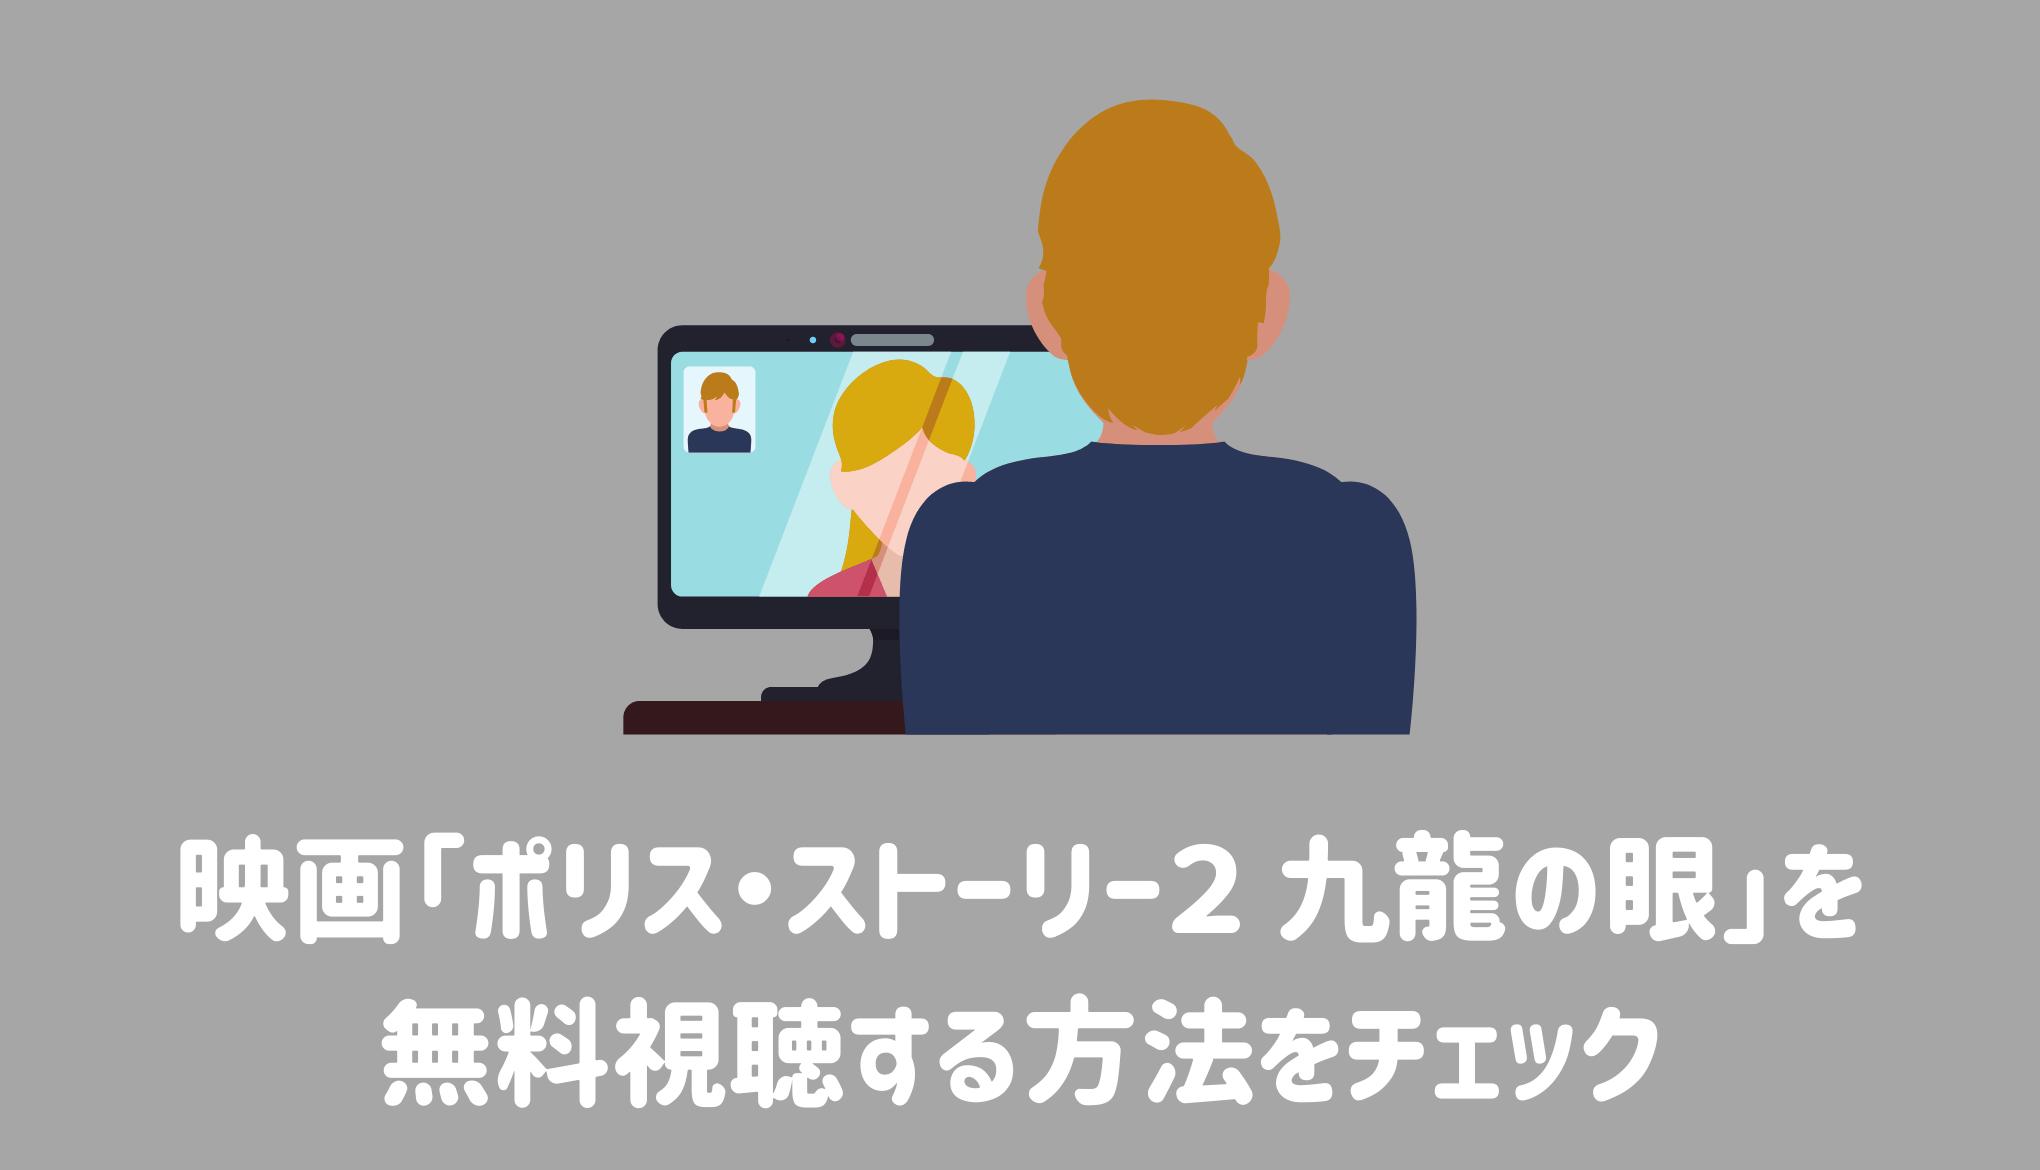 映画「ポリス・ストーリー2 九龍の眼」を無料視聴する方法